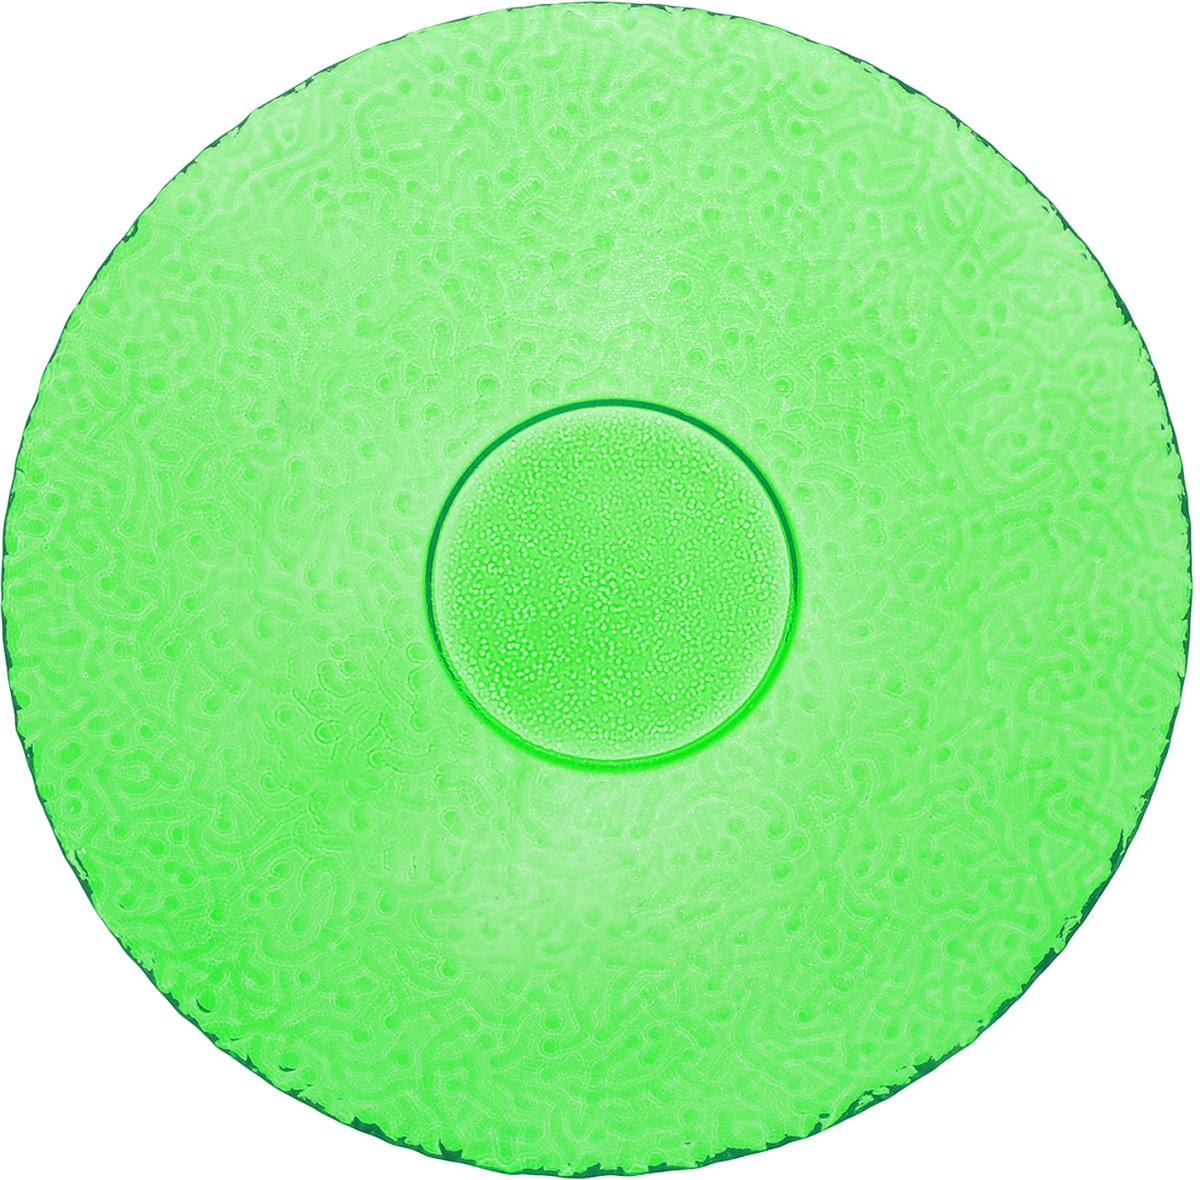 Тарелка NiNaGlass Ажур, цвет: зеленый, диаметр 21 см54 009312Тарелка NiNaGlass Ажур выполнена из высококачественного стекла и имеет рельефную поверхность. Она прекрасно впишется в интерьер вашей кухни и станет достойным дополнением к кухонному инвентарю. Тарелка NiNaGlass Ажур подчеркнет прекрасный вкус хозяйки и станет отличным подарком. Диаметр тарелки: 21 см. Высота: 2,5 см.